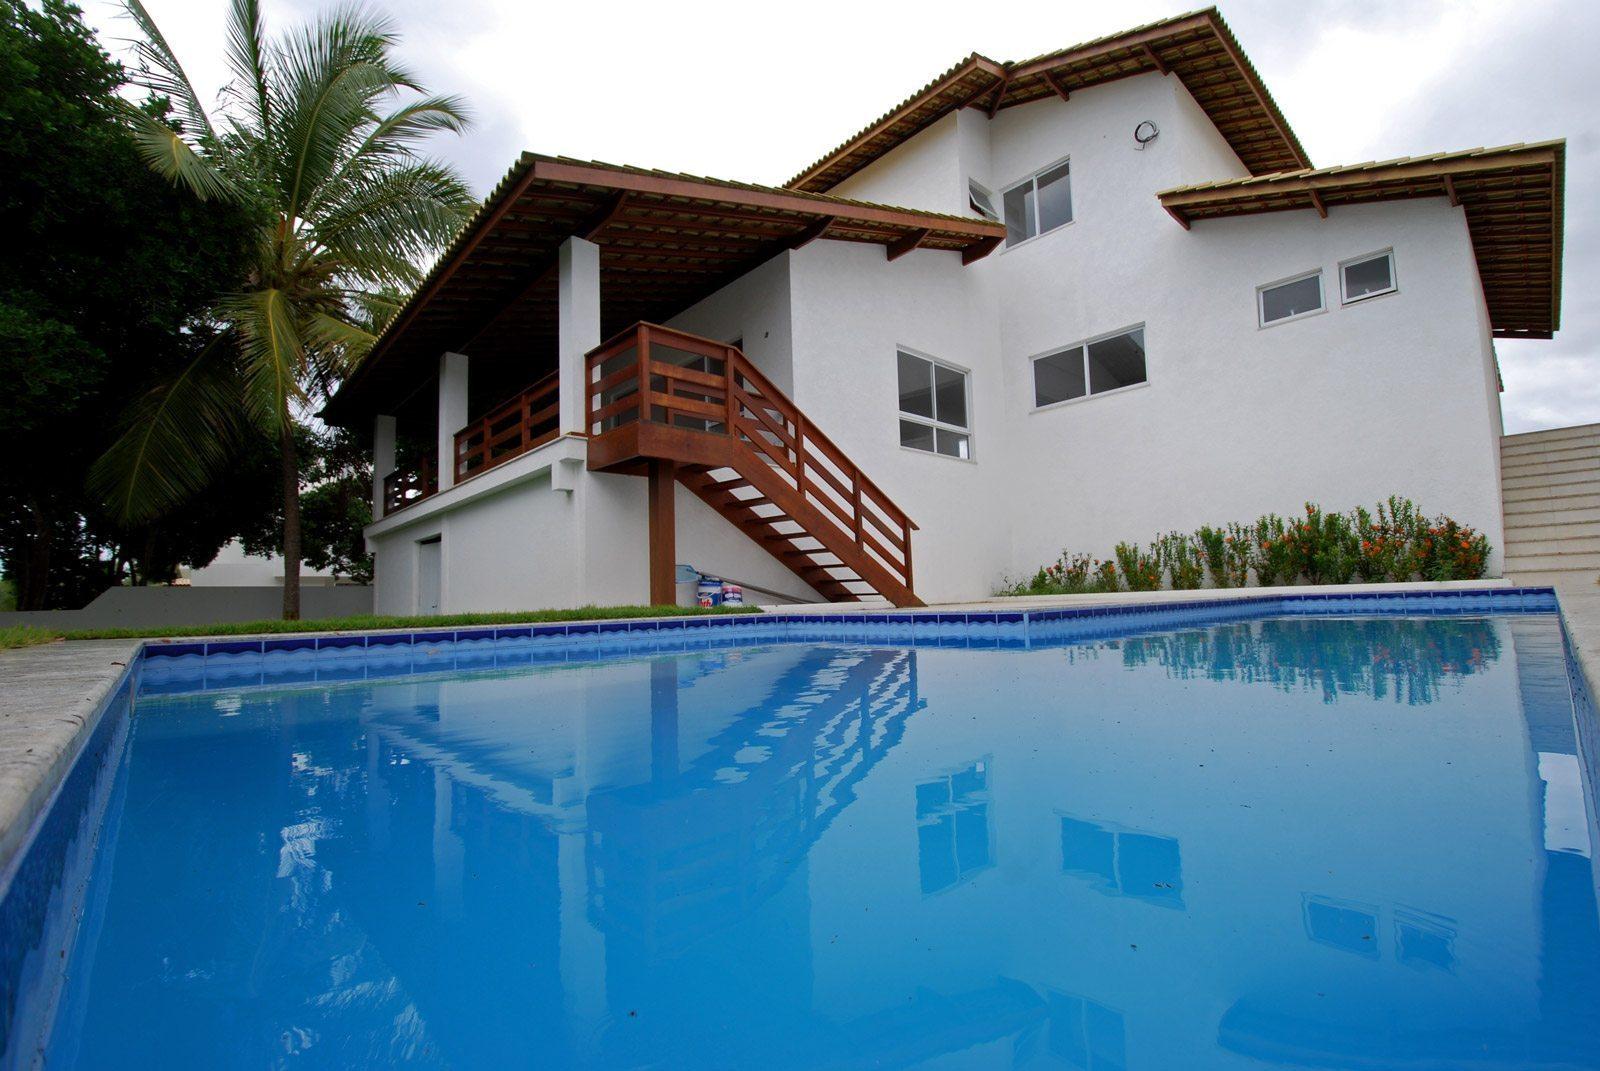 127 casa moderna historia casas modernas fachadas